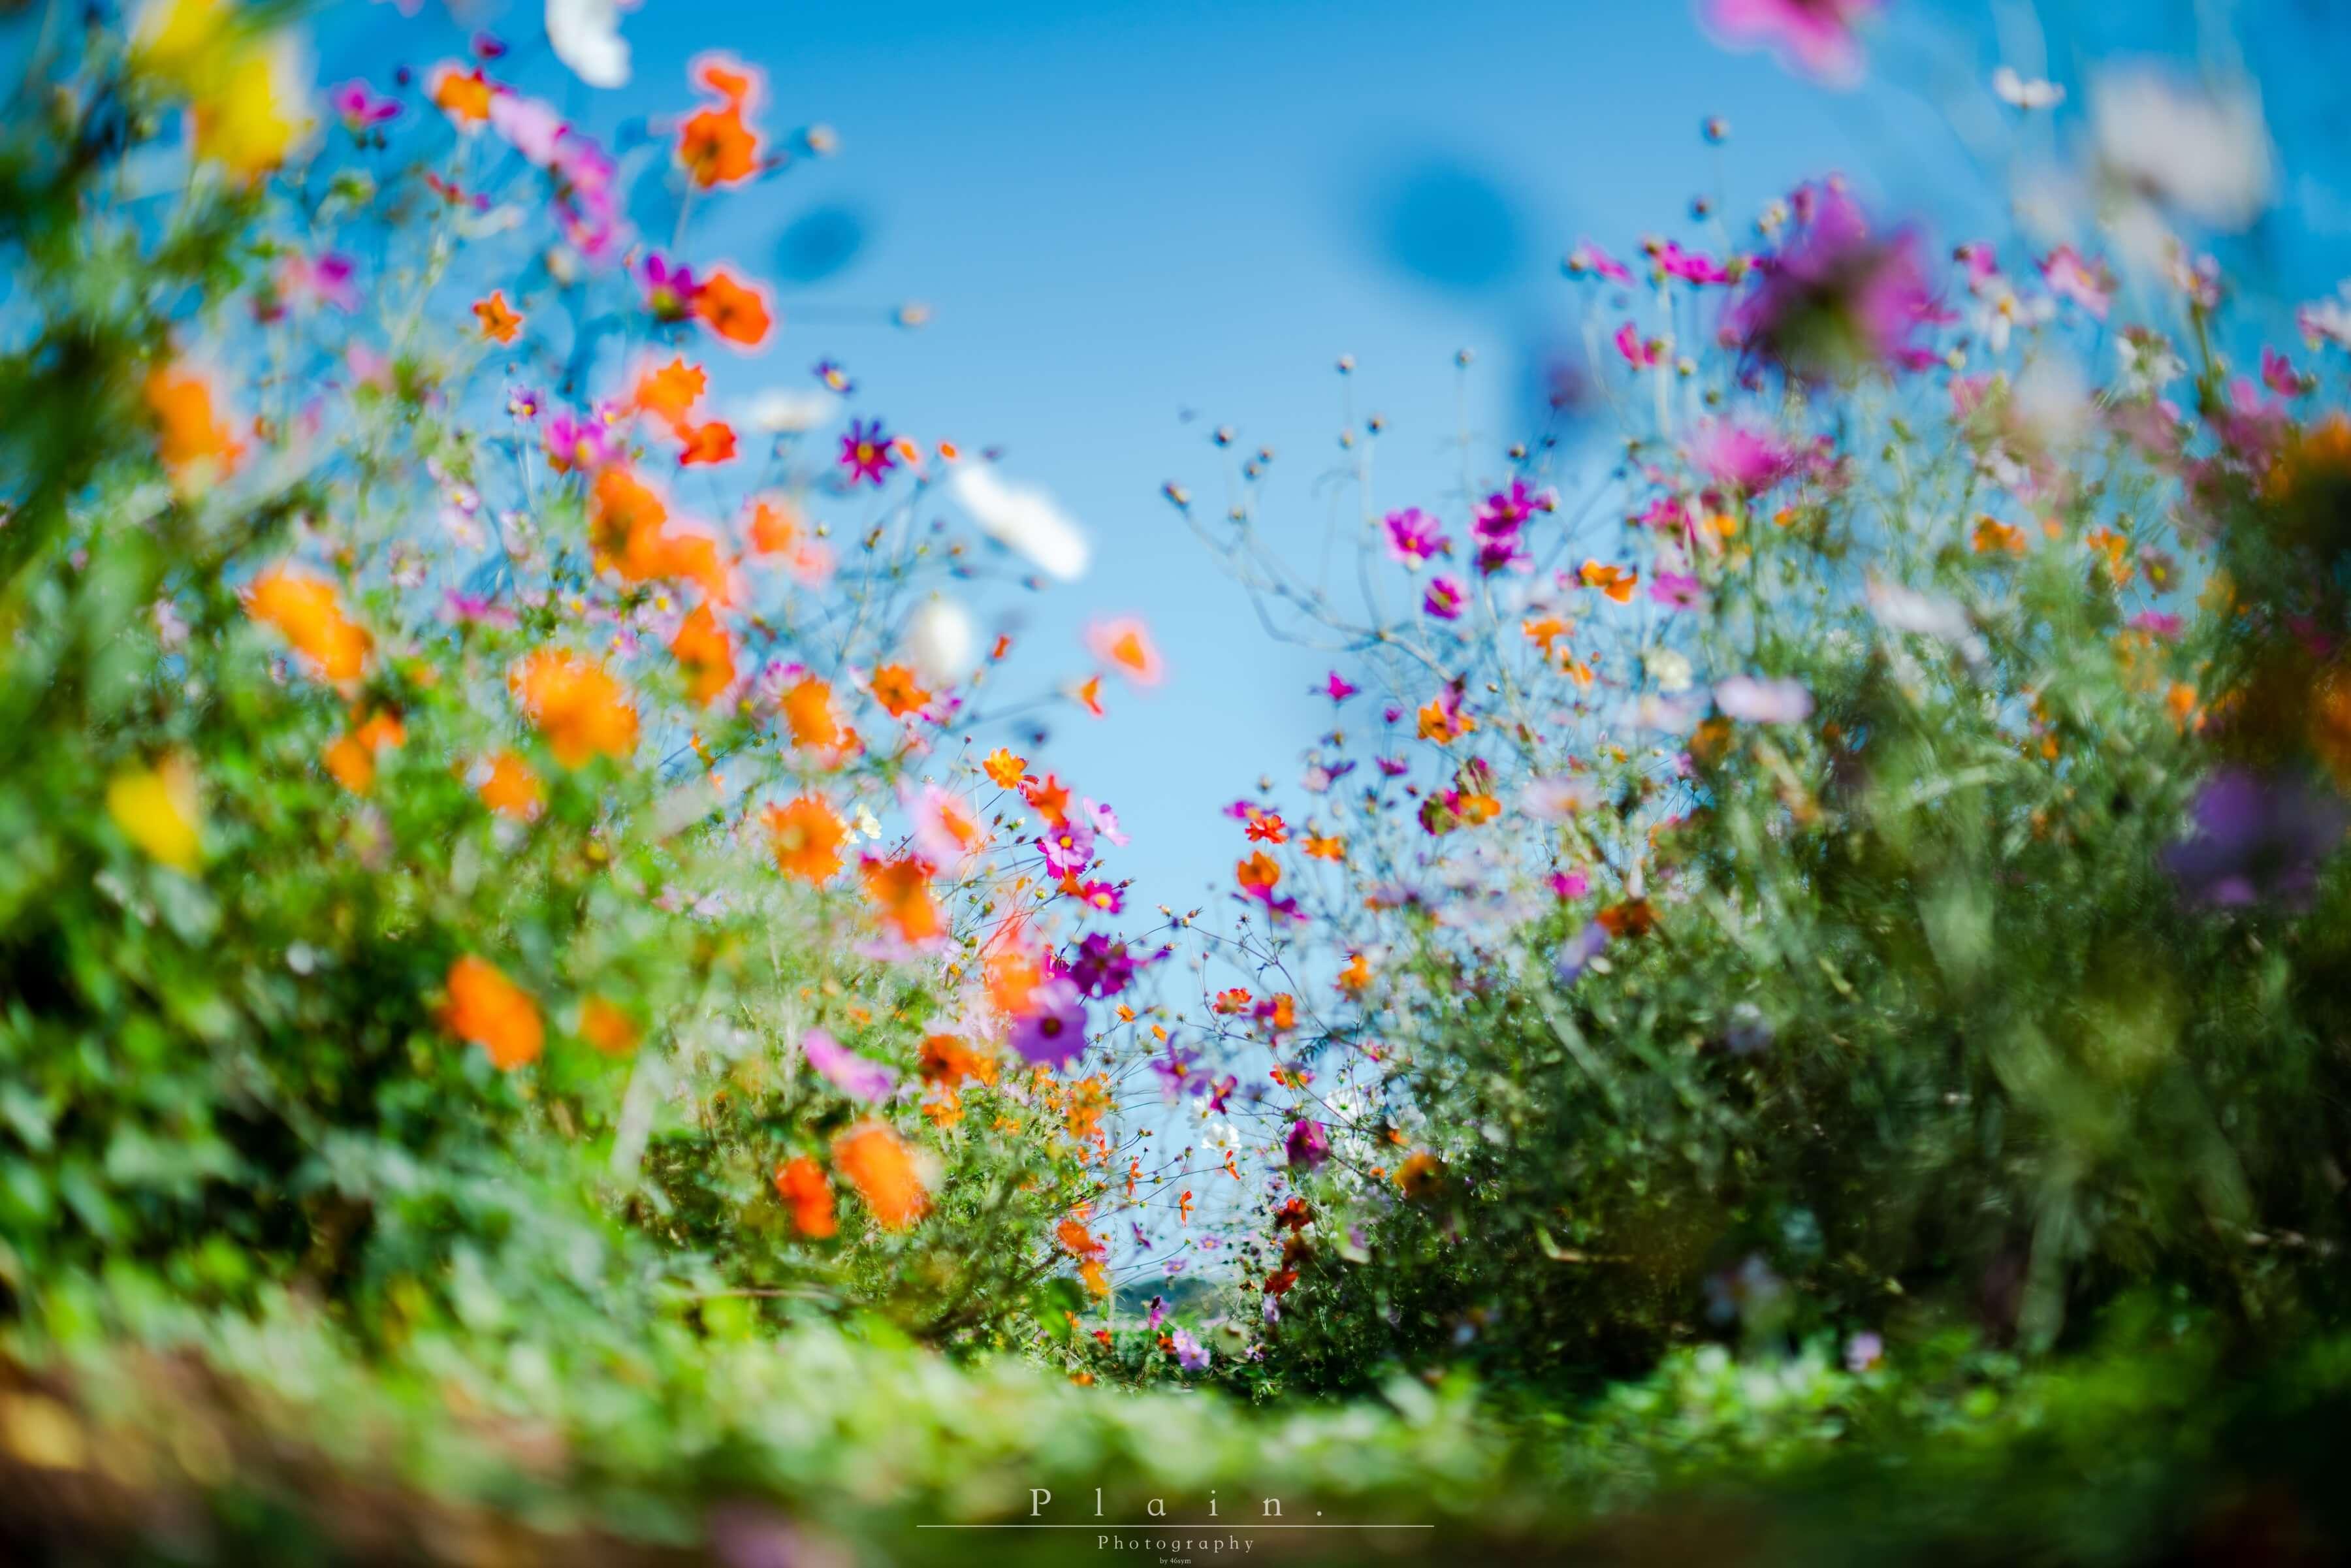 【千葉県撮影スポット】富田さとにわ耕園のコスモスを撮ってきたよ